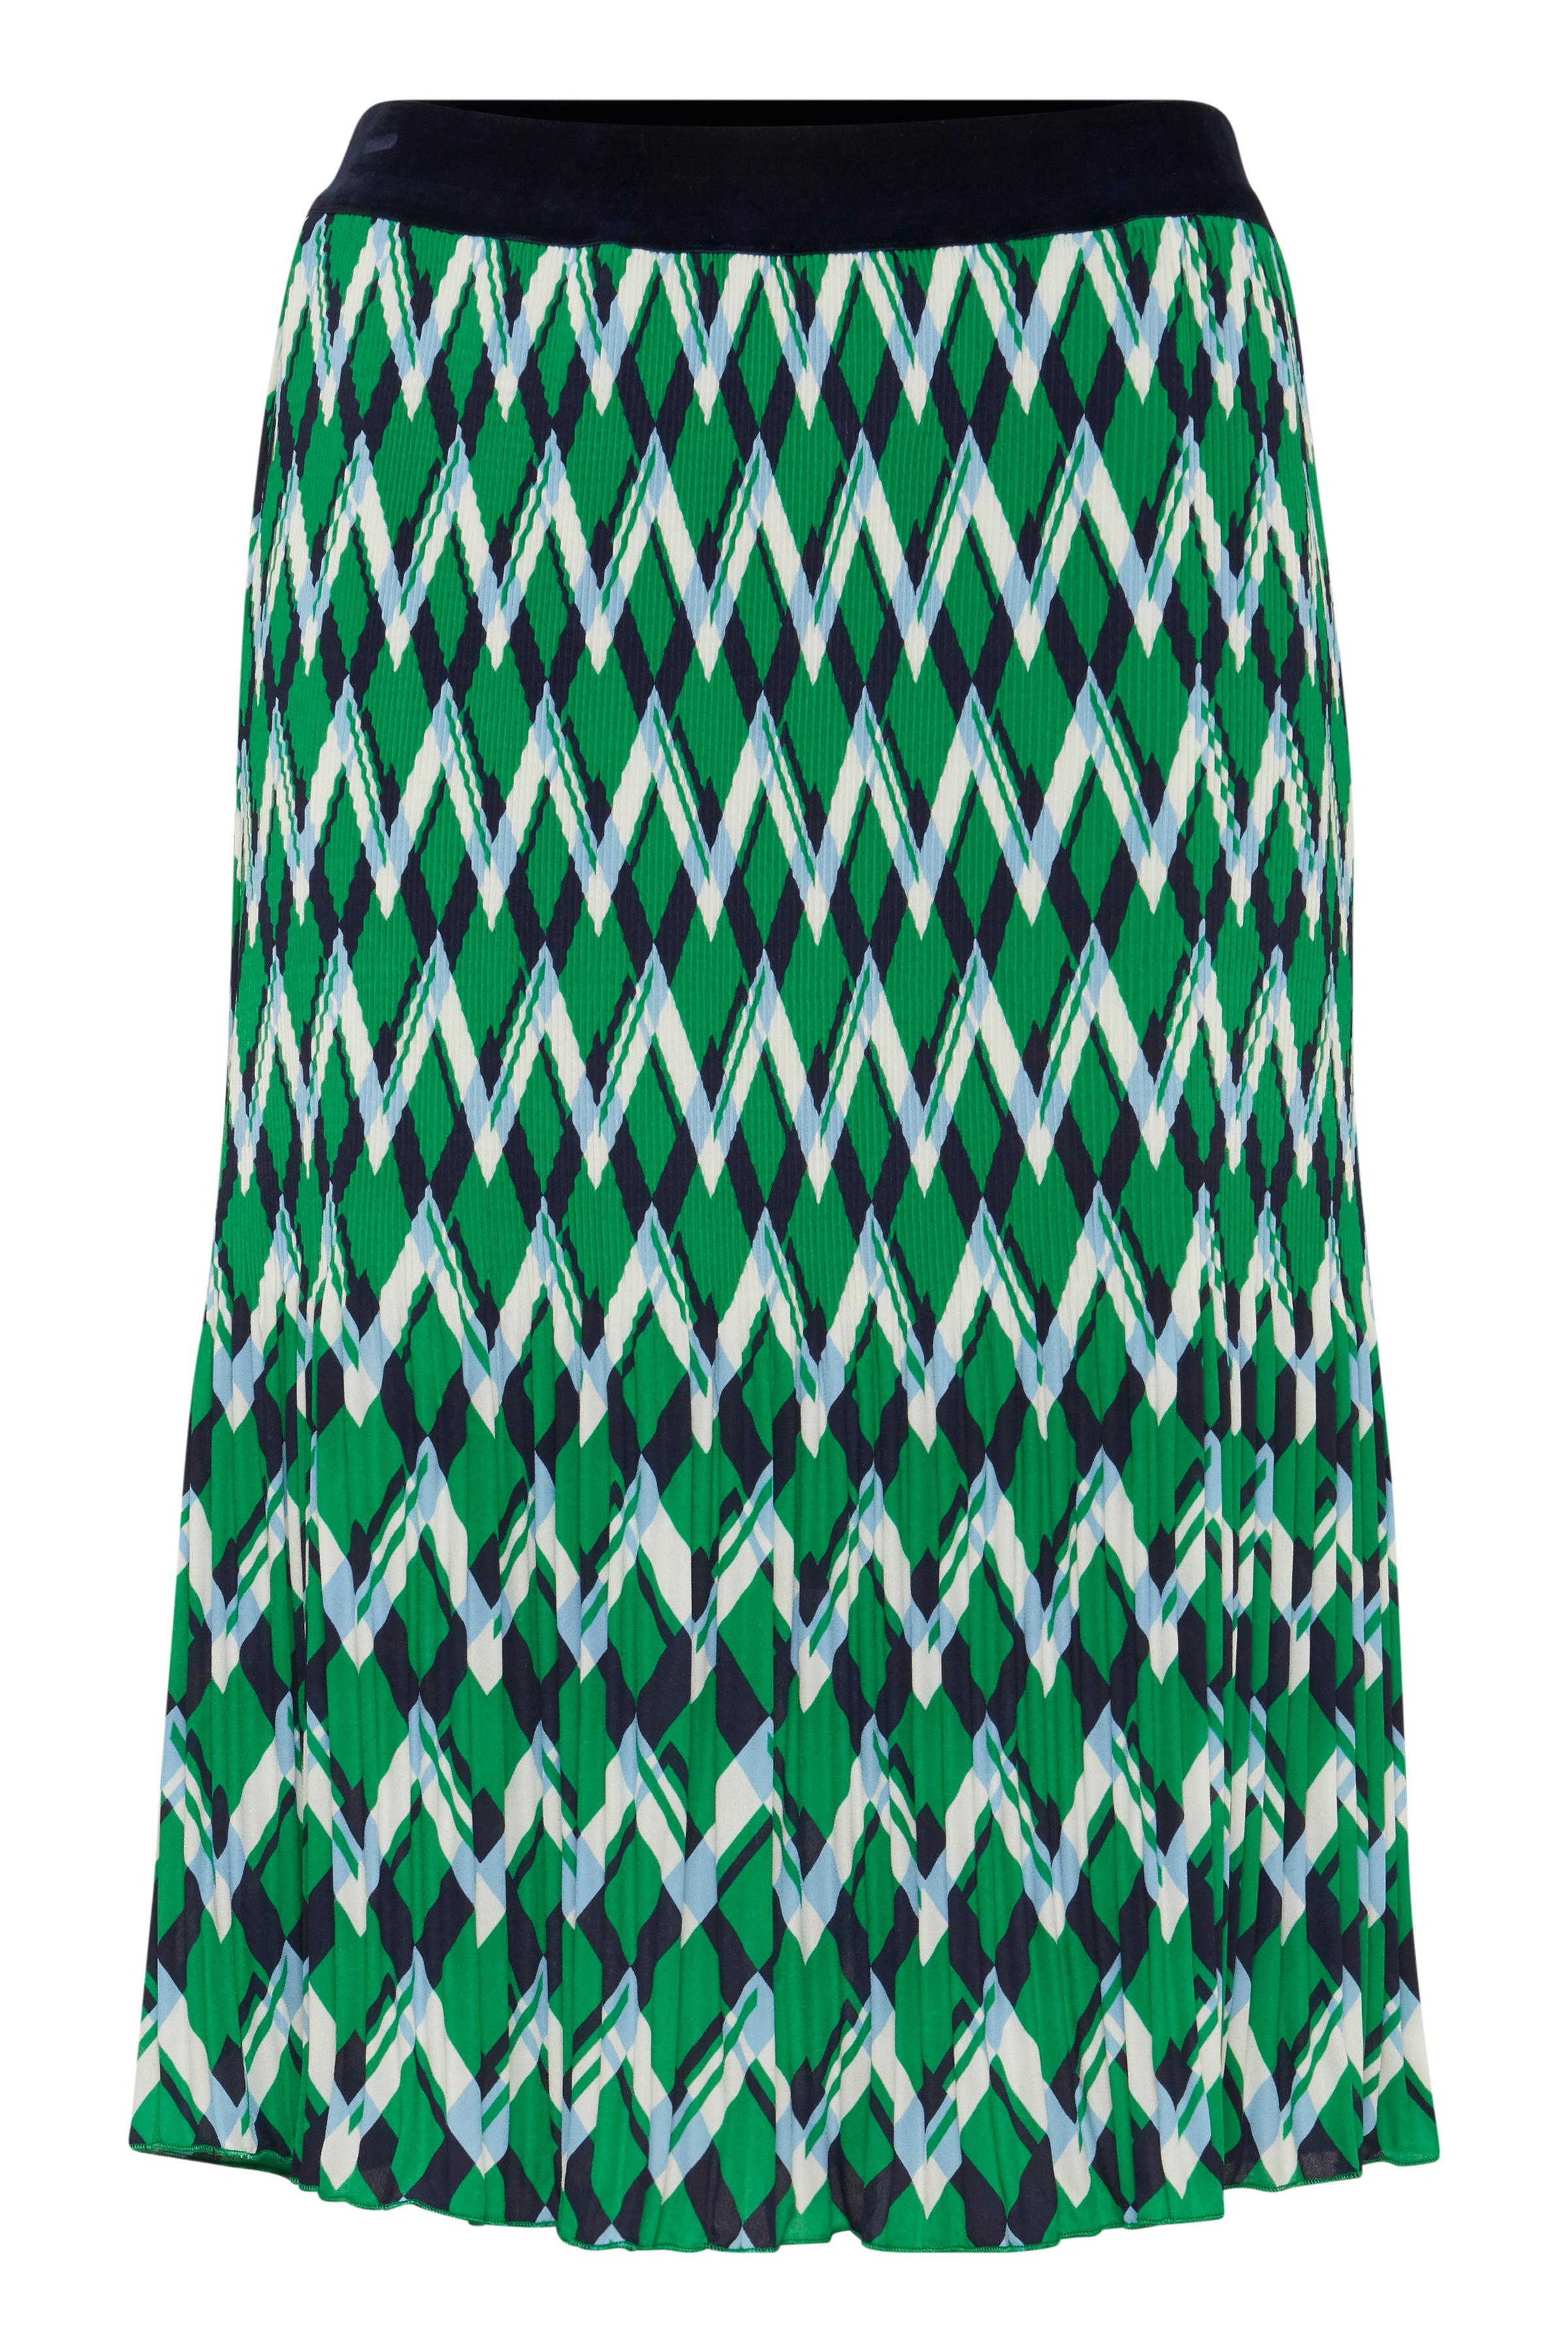 Grön/marinblå